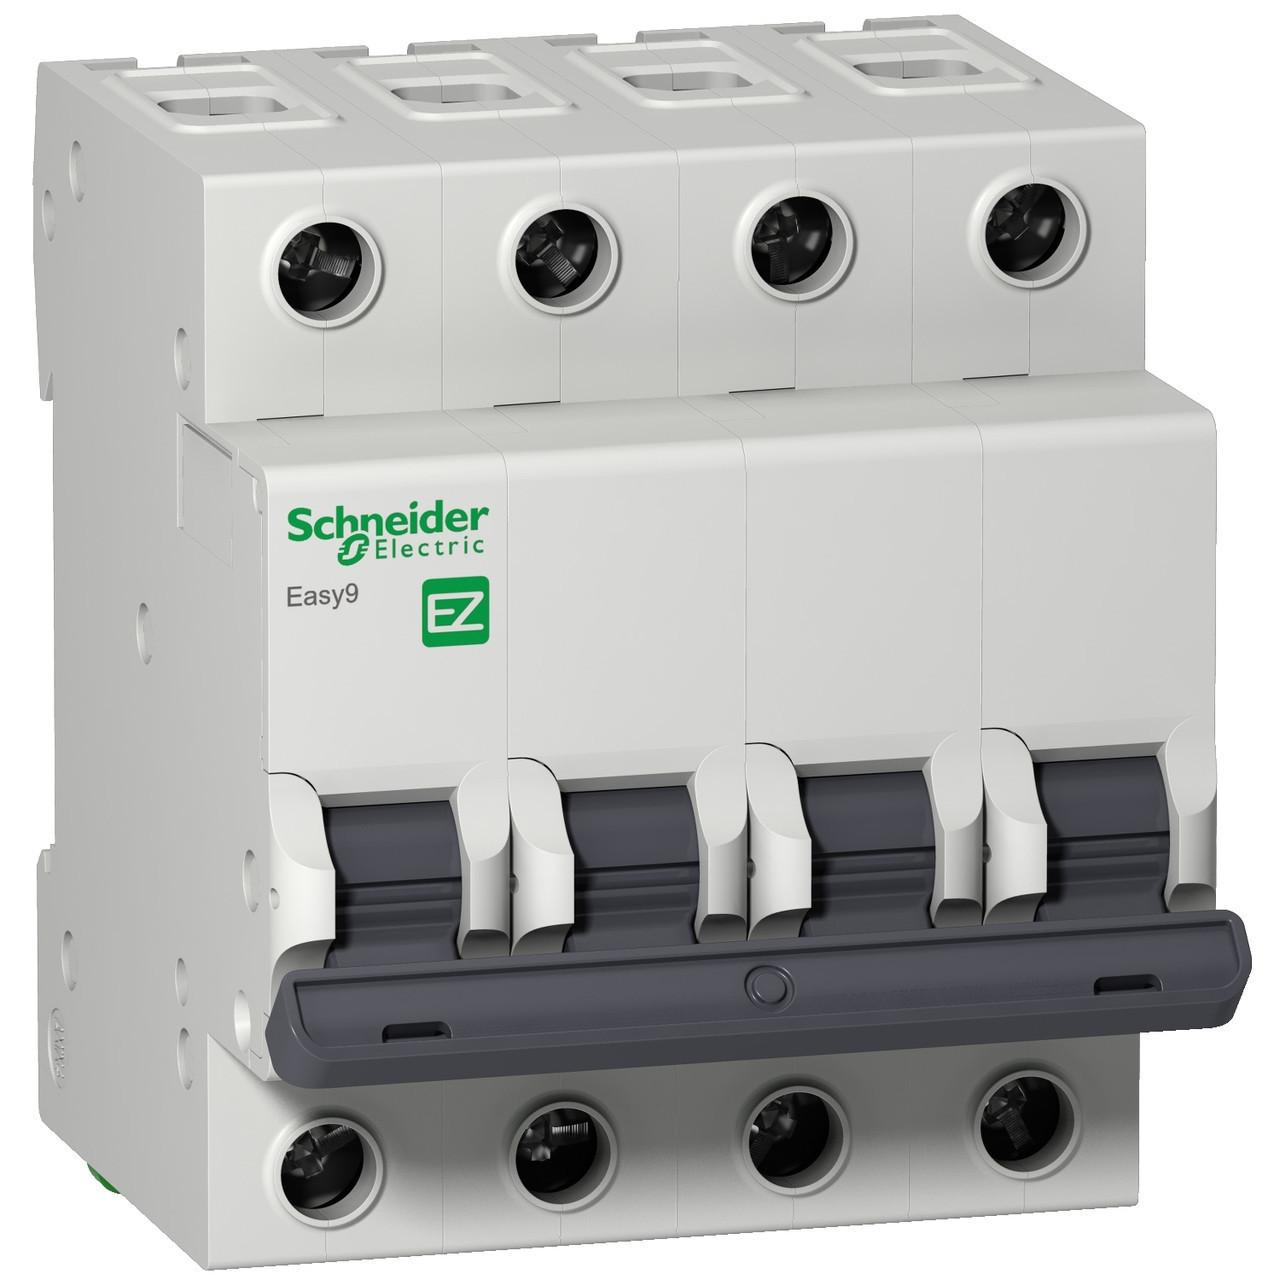 Автоматический выключатель EZ9F14420 Easy9 Schneider 4P, 20A, тип «B»